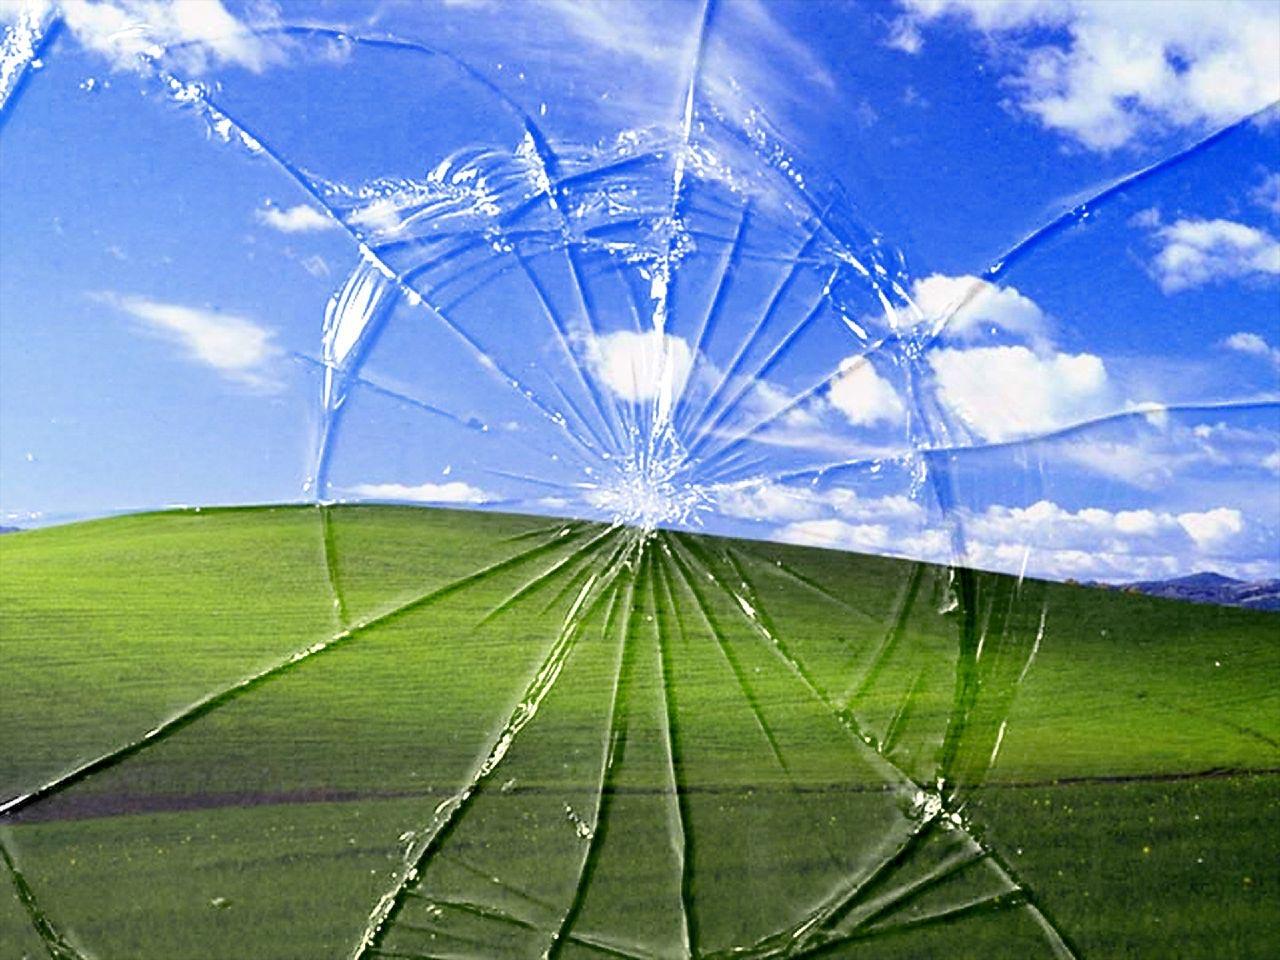 http://1.bp.blogspot.com/-N7ftu3IKtTs/TZ41lfFv2FI/AAAAAAAAANg/UqVhFX-eg0s/s1600/Broken-Screen.jpg